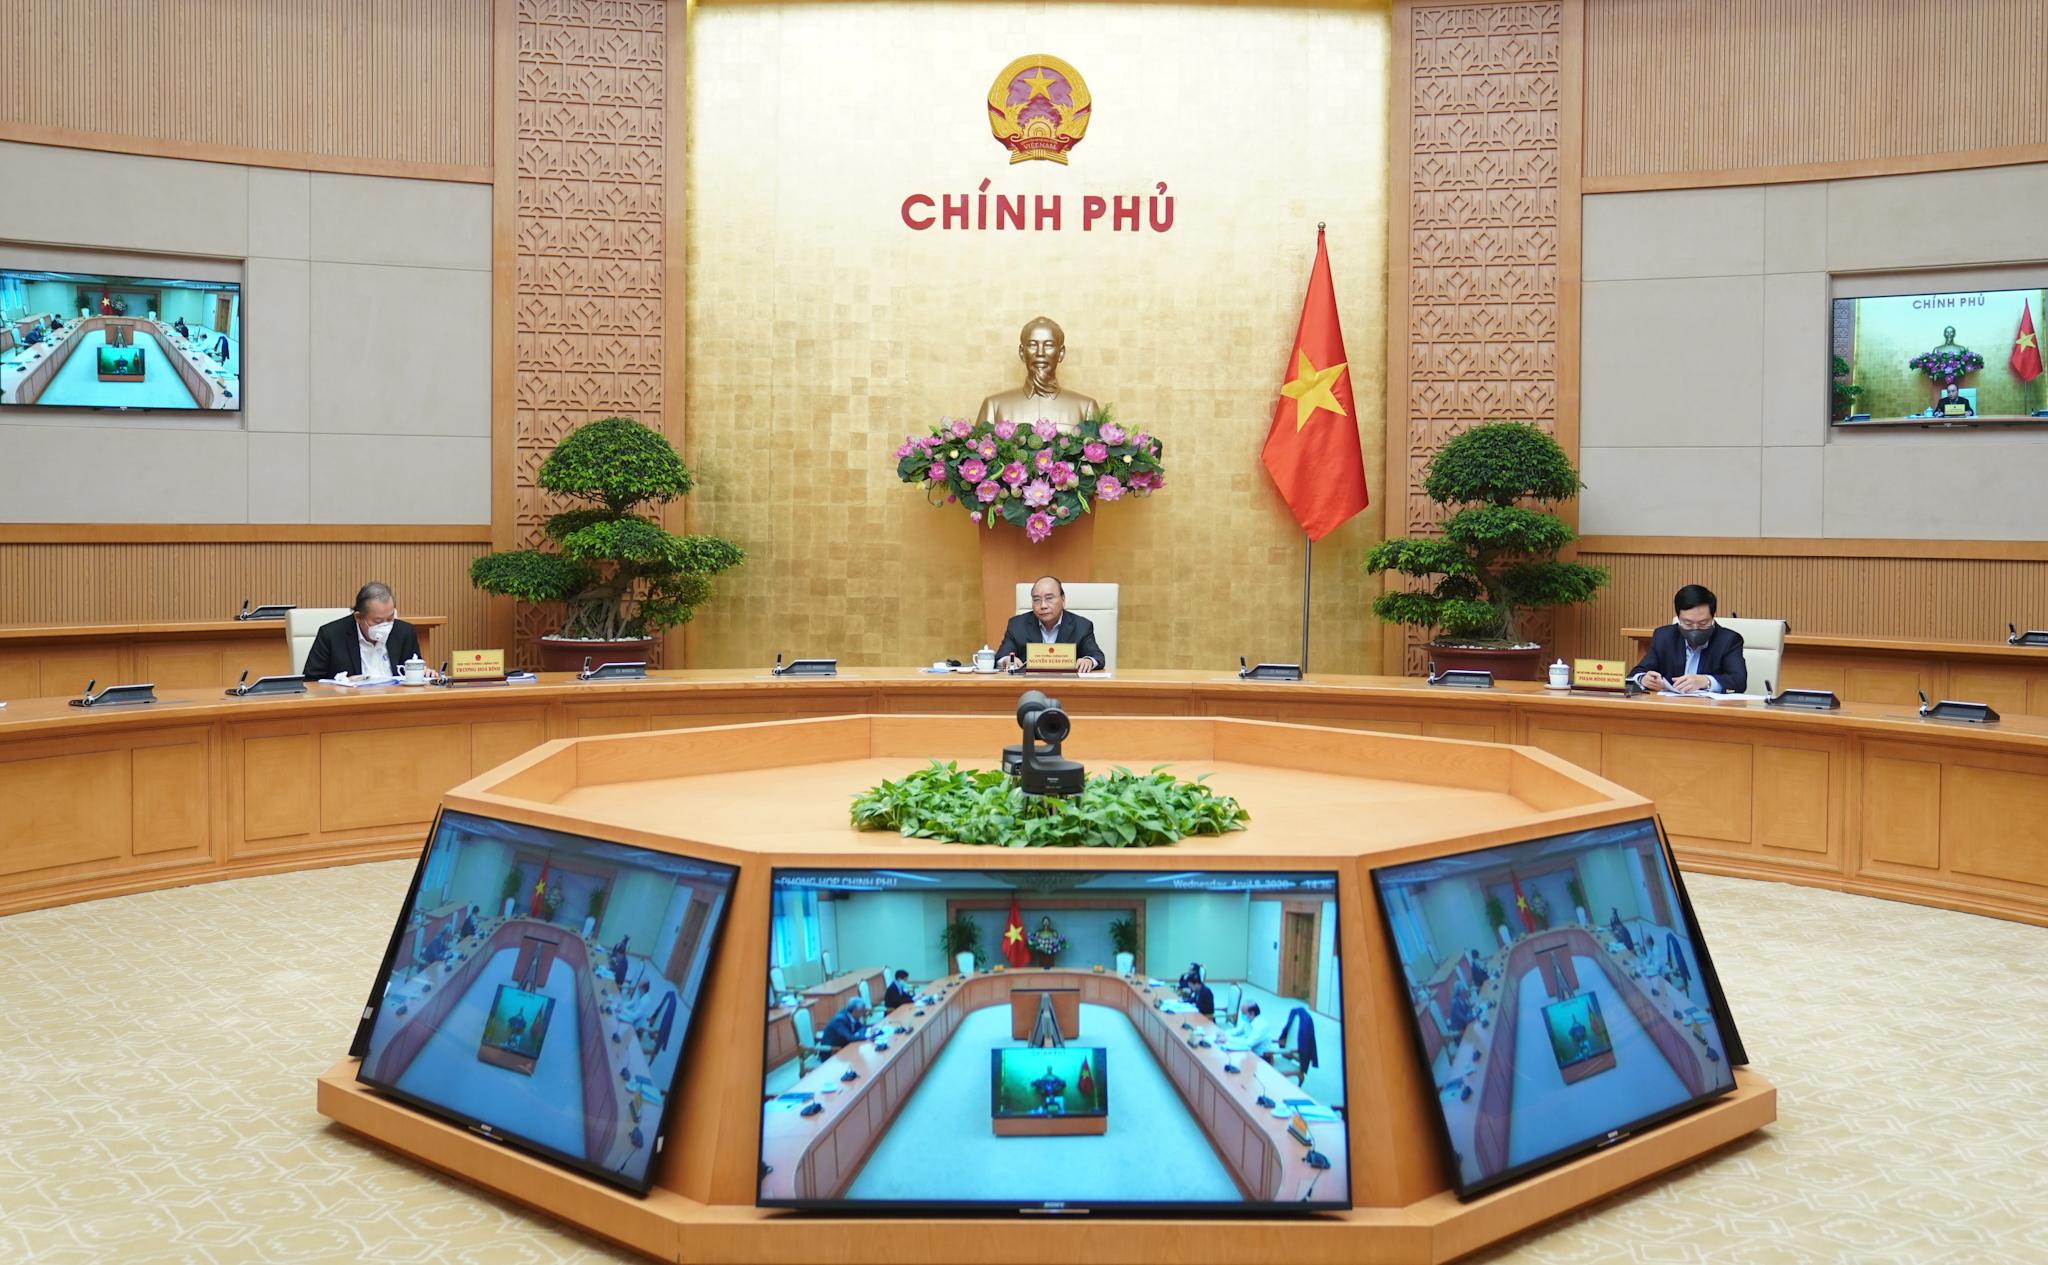 """Chuẩn bị nội dung Hội nghị trực tuyến """"4 trong 1"""" của Chính phủ với các địa phương"""